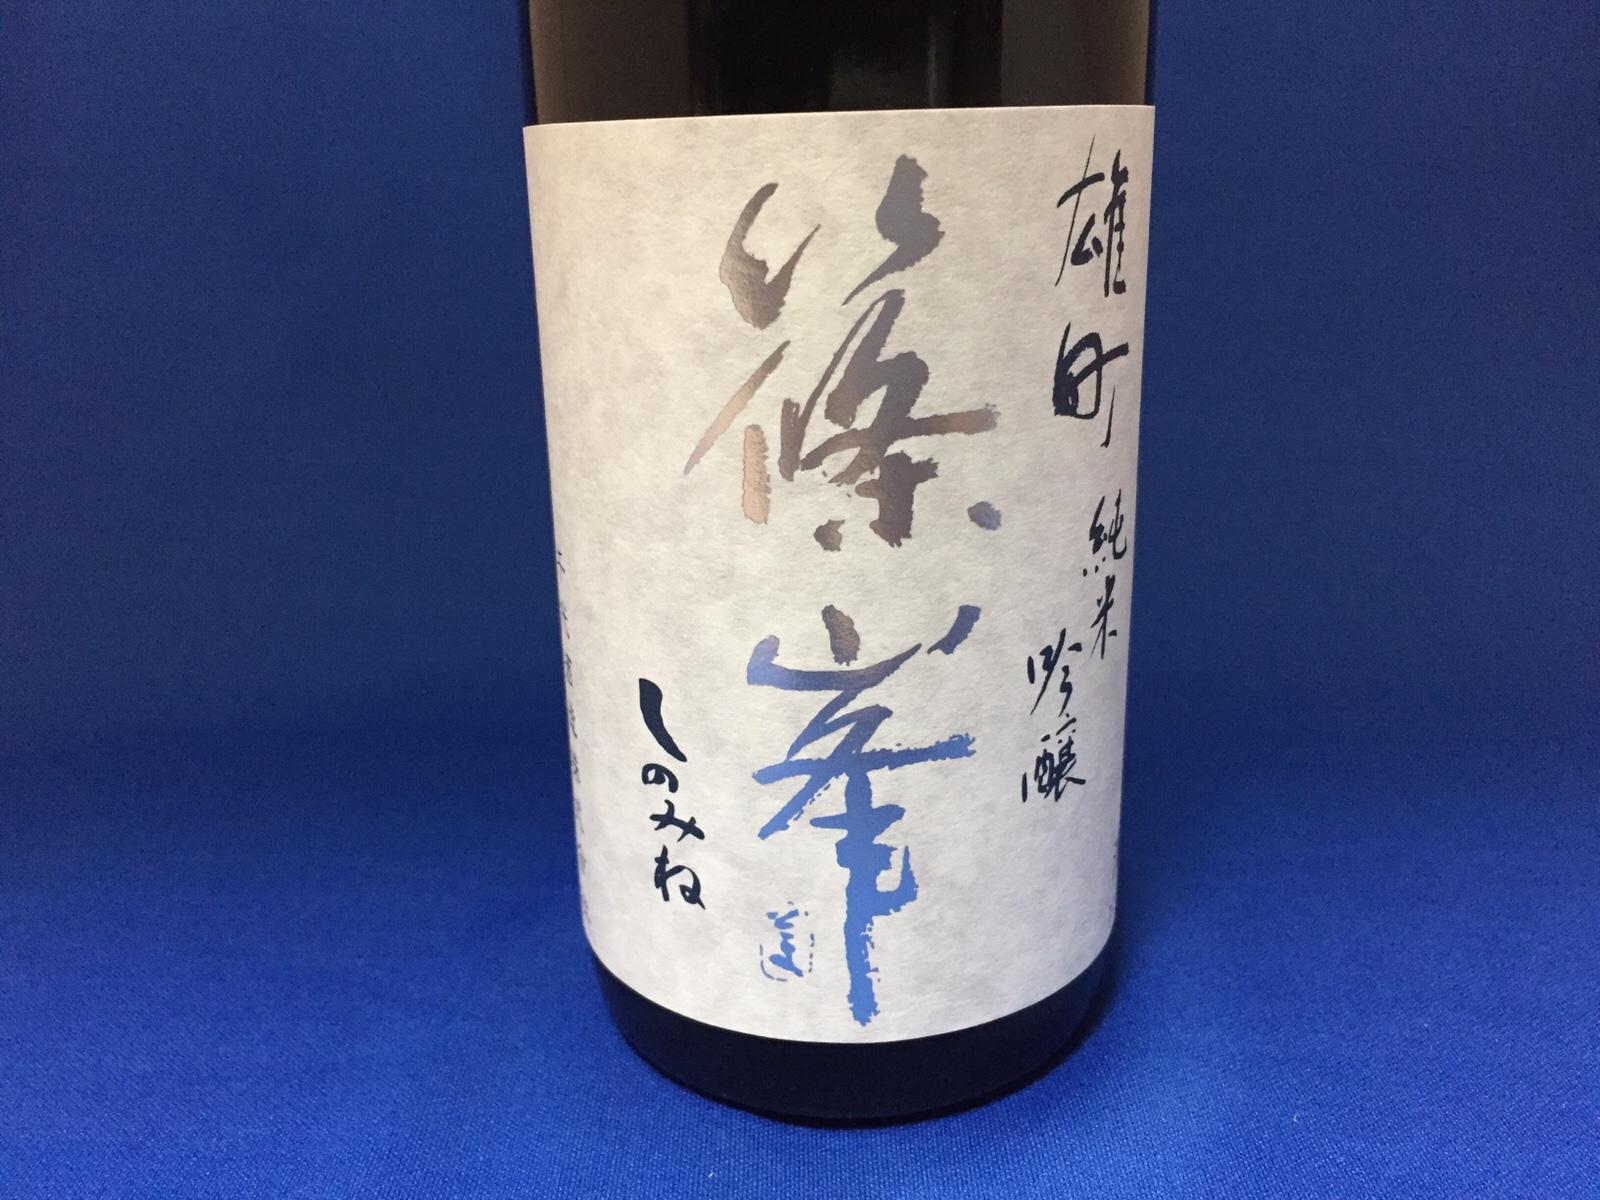 """古都奈良の風土を醸した日本酒""""篠峯(しのみね)純米吟醸雄町"""""""